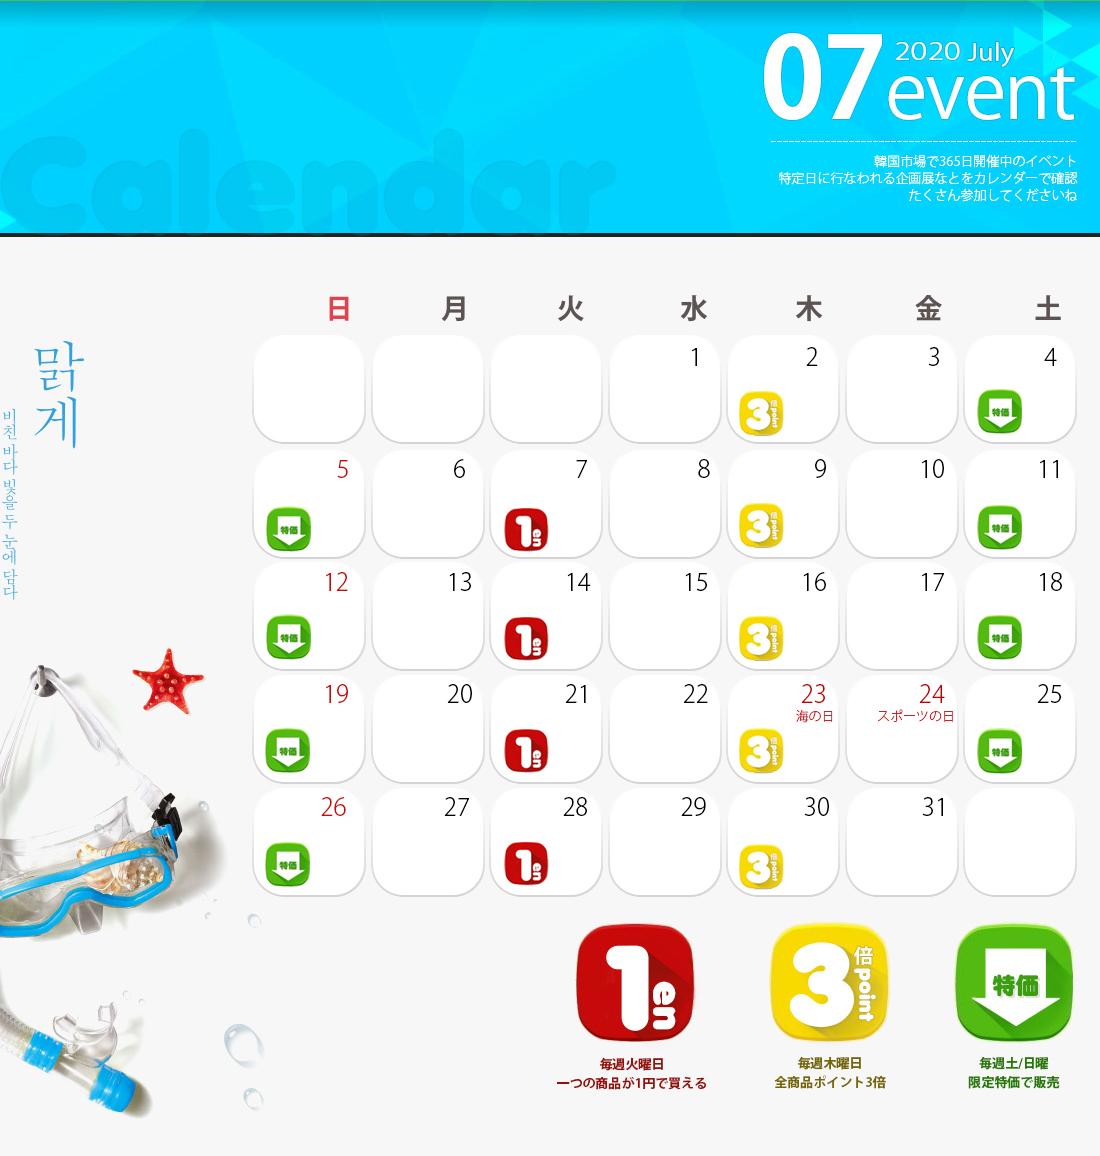 韓国市場7月イベント